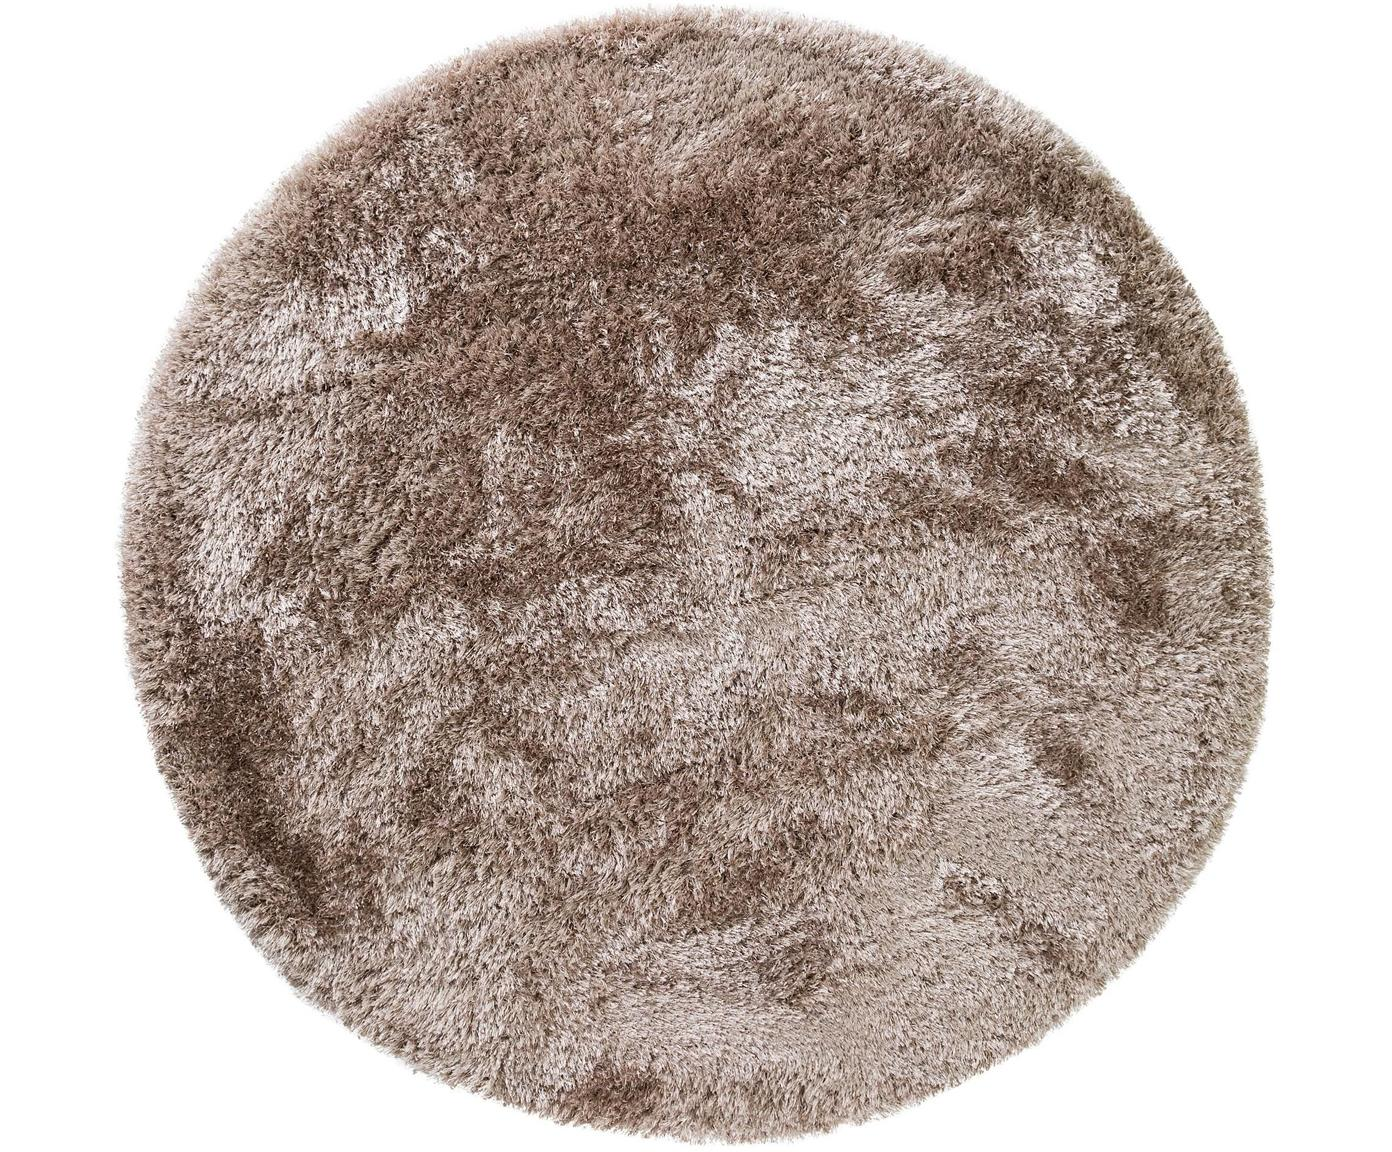 Glänzender Hochflor-Teppich Lea in Beige, rund, Flor: 50% Polyester, 50% Polypr, Beige, Ø 120 cm (Größe S)